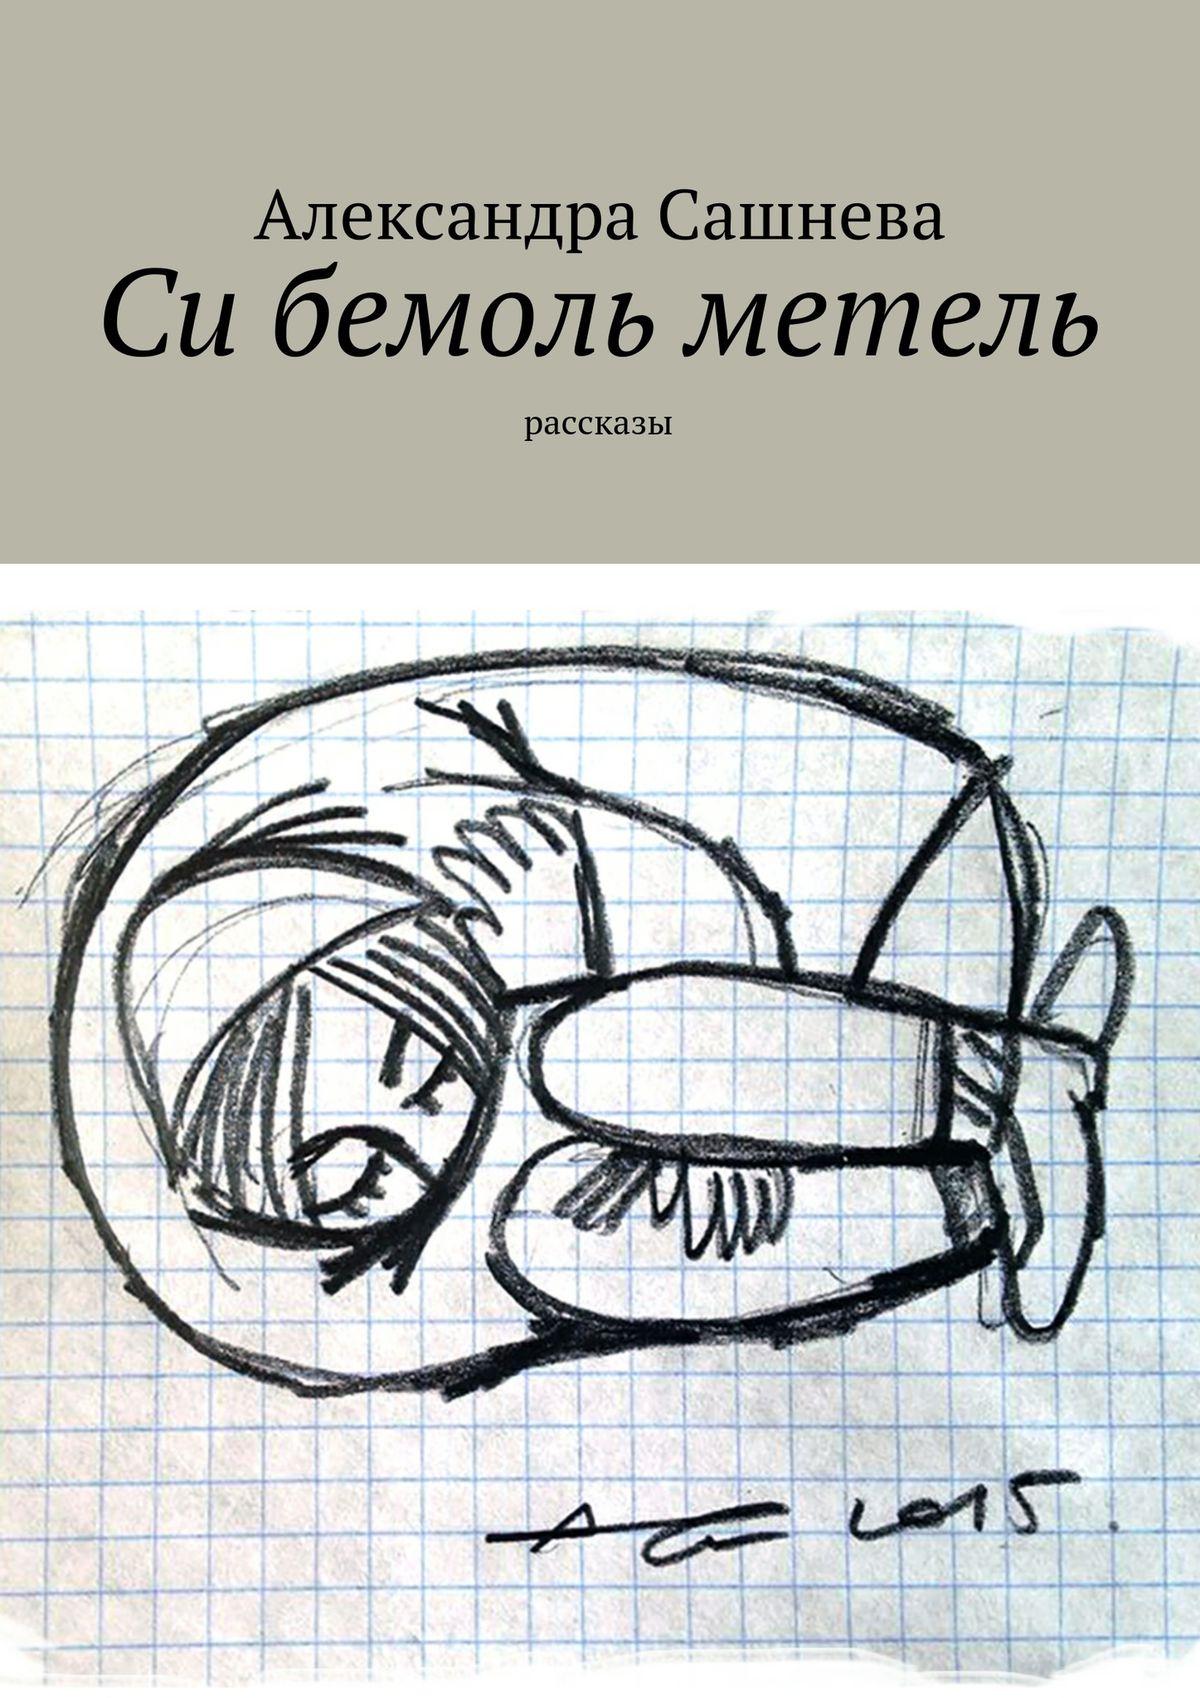 Александра Сашнева Си бемоль метель